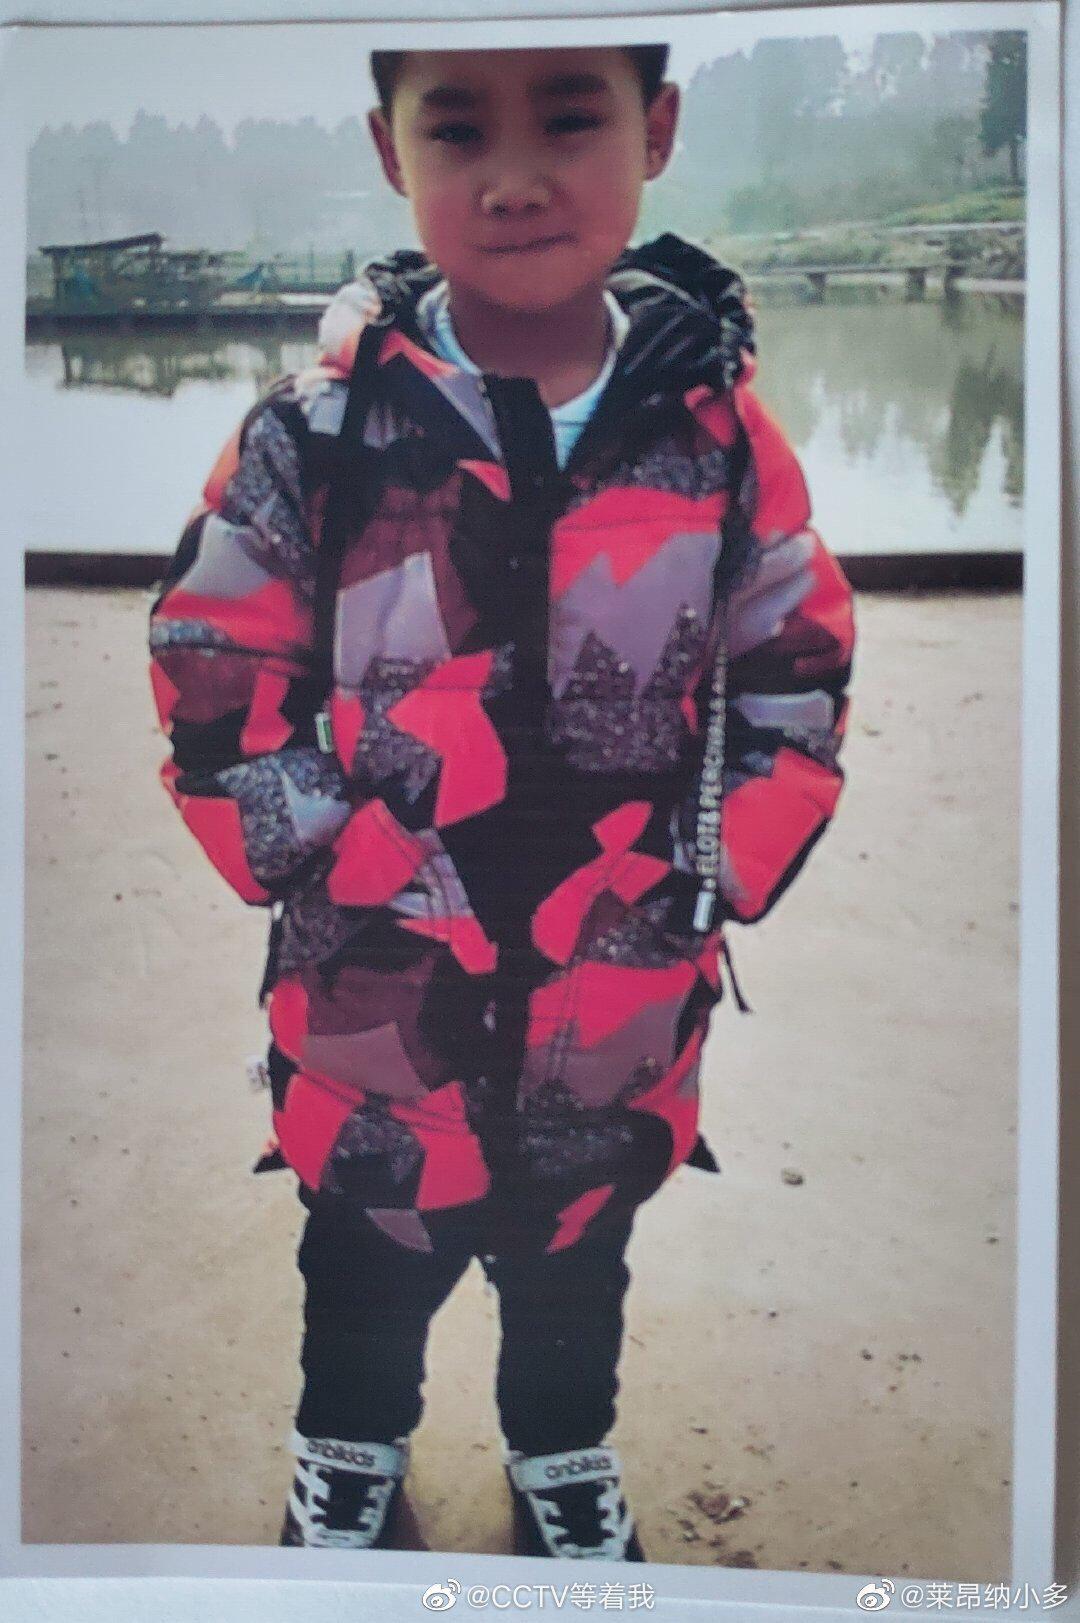 云南省昆明市官渡区,10岁男孩于昨天07时走失……